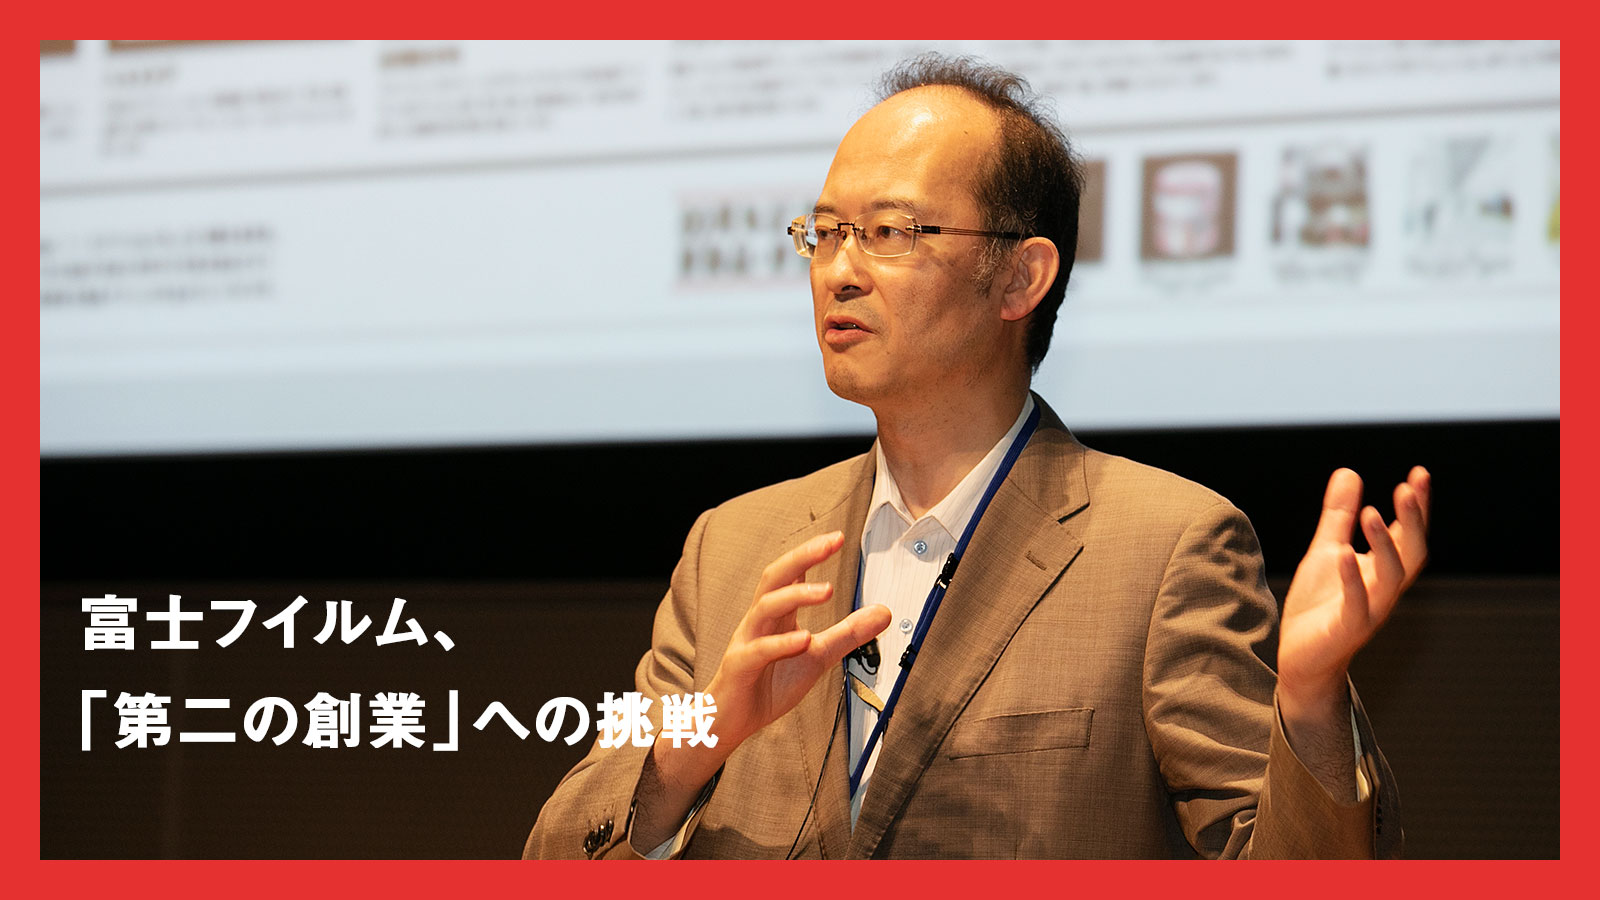 富士フイルムはグローバルオープンイノベーションで変化を作り出す